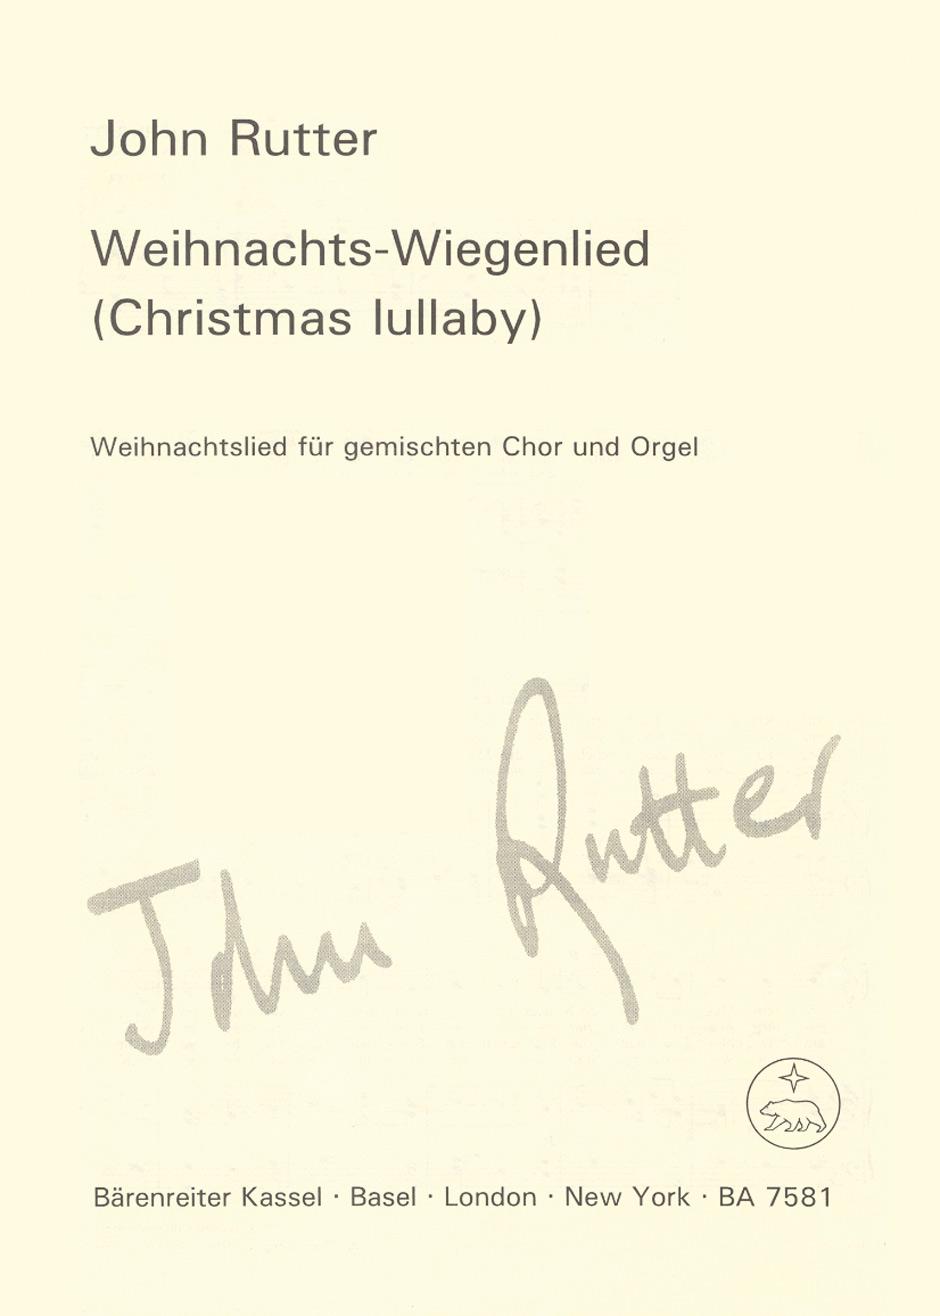 Rutter, John / Weihnachtliches Wiegenlied - Christmas Lullaby / Bärenreiter Verlag